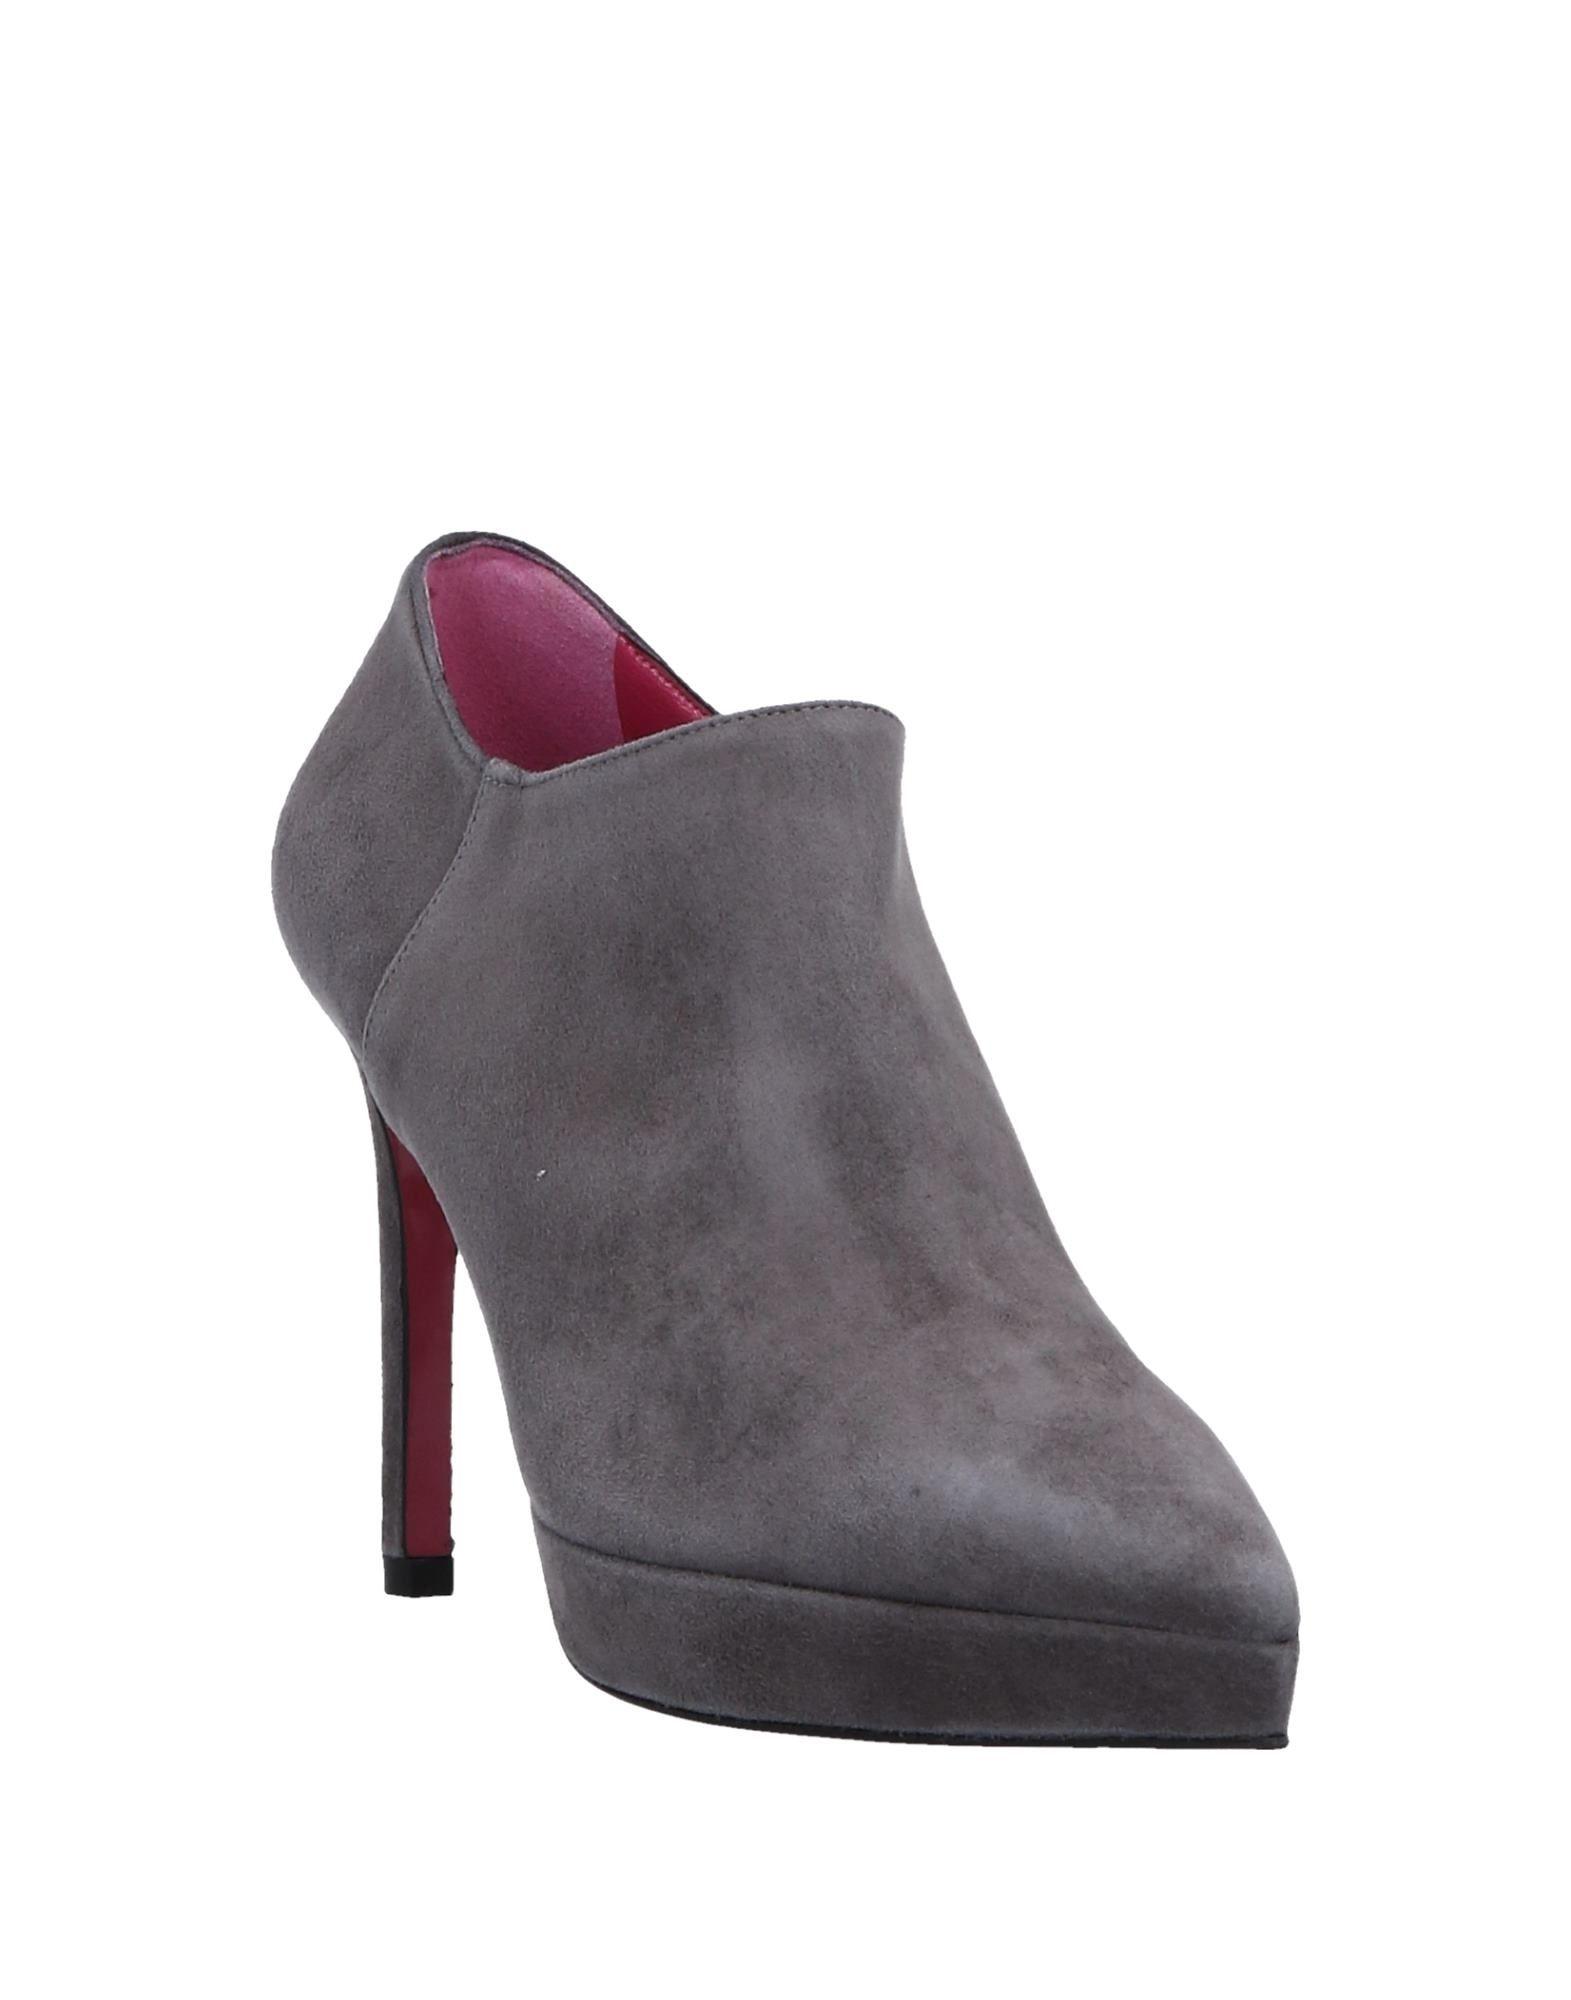 Stilvolle Stiefelette billige Schuhe Ursula Mascaro' Stiefelette Stilvolle Damen  11514642GB 03bccf